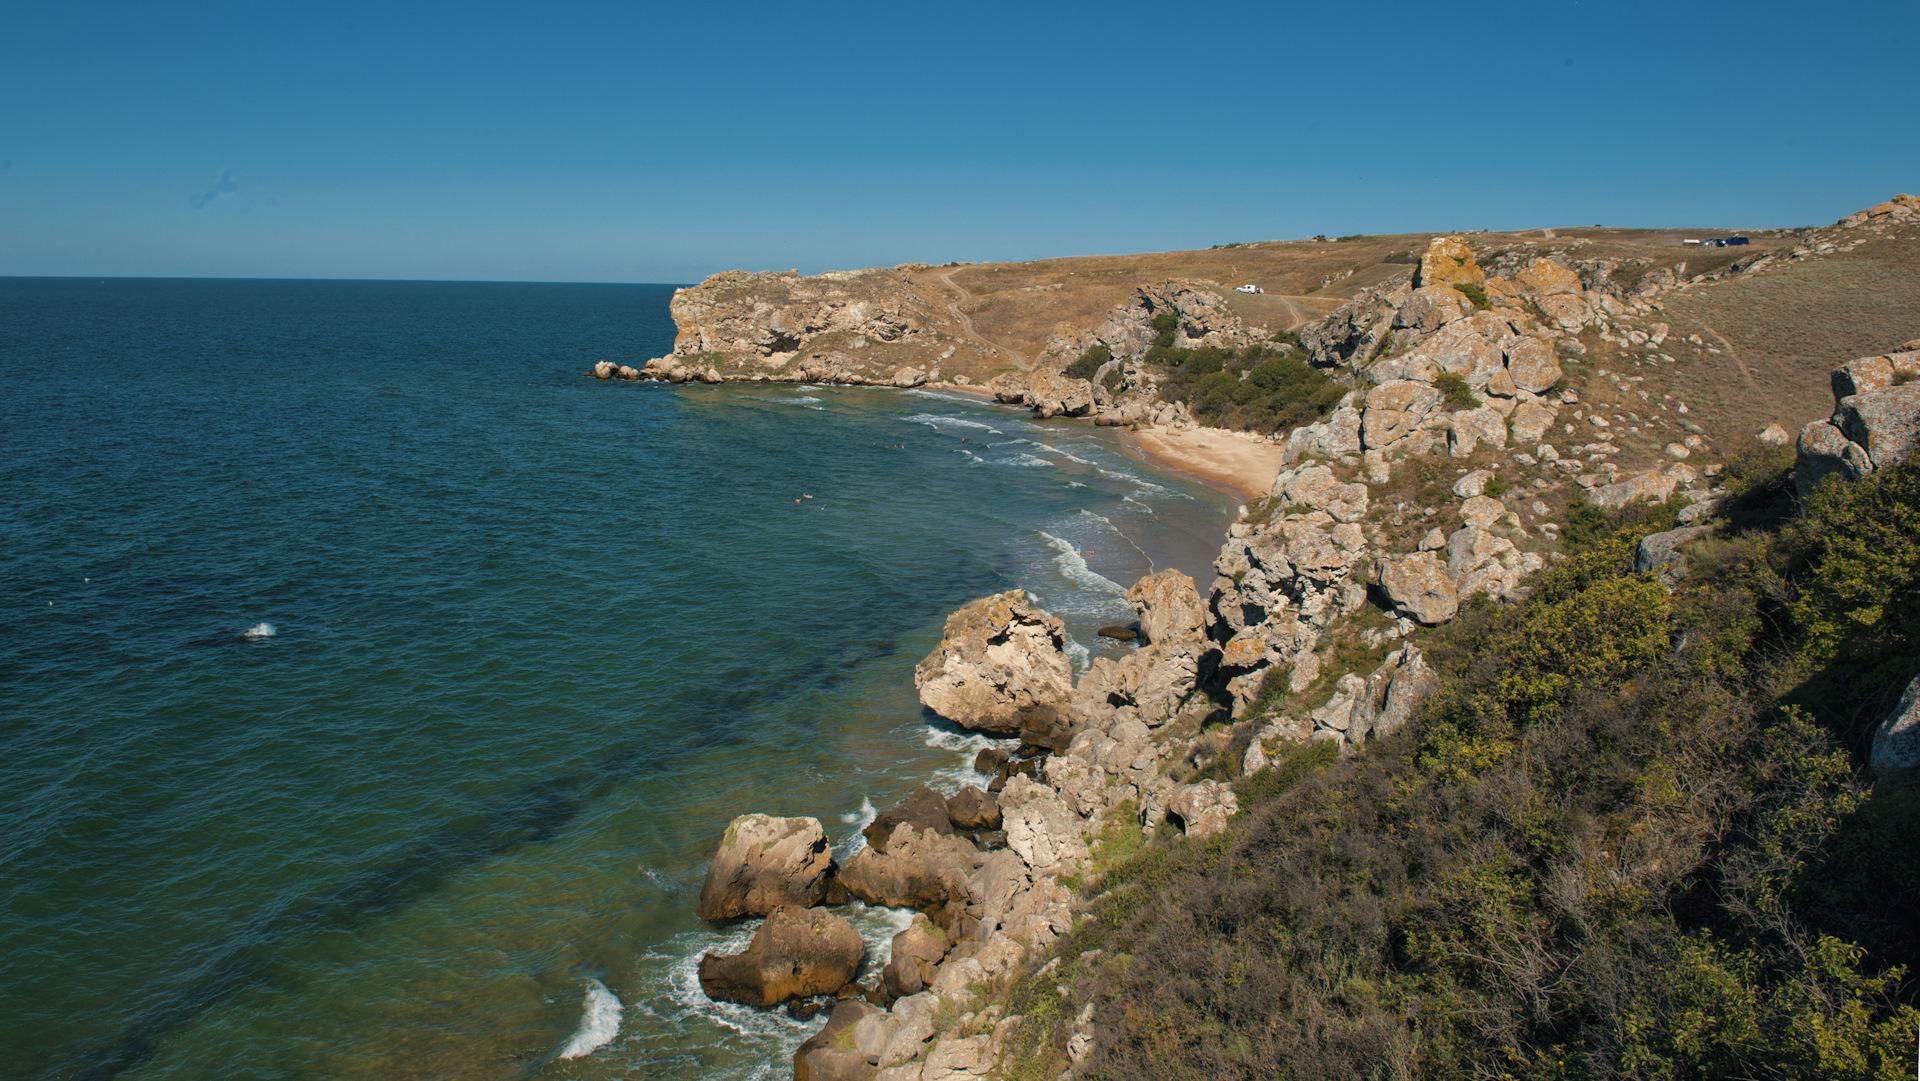 фотографией, отдадите крым дикие пляжи фото выяснилось